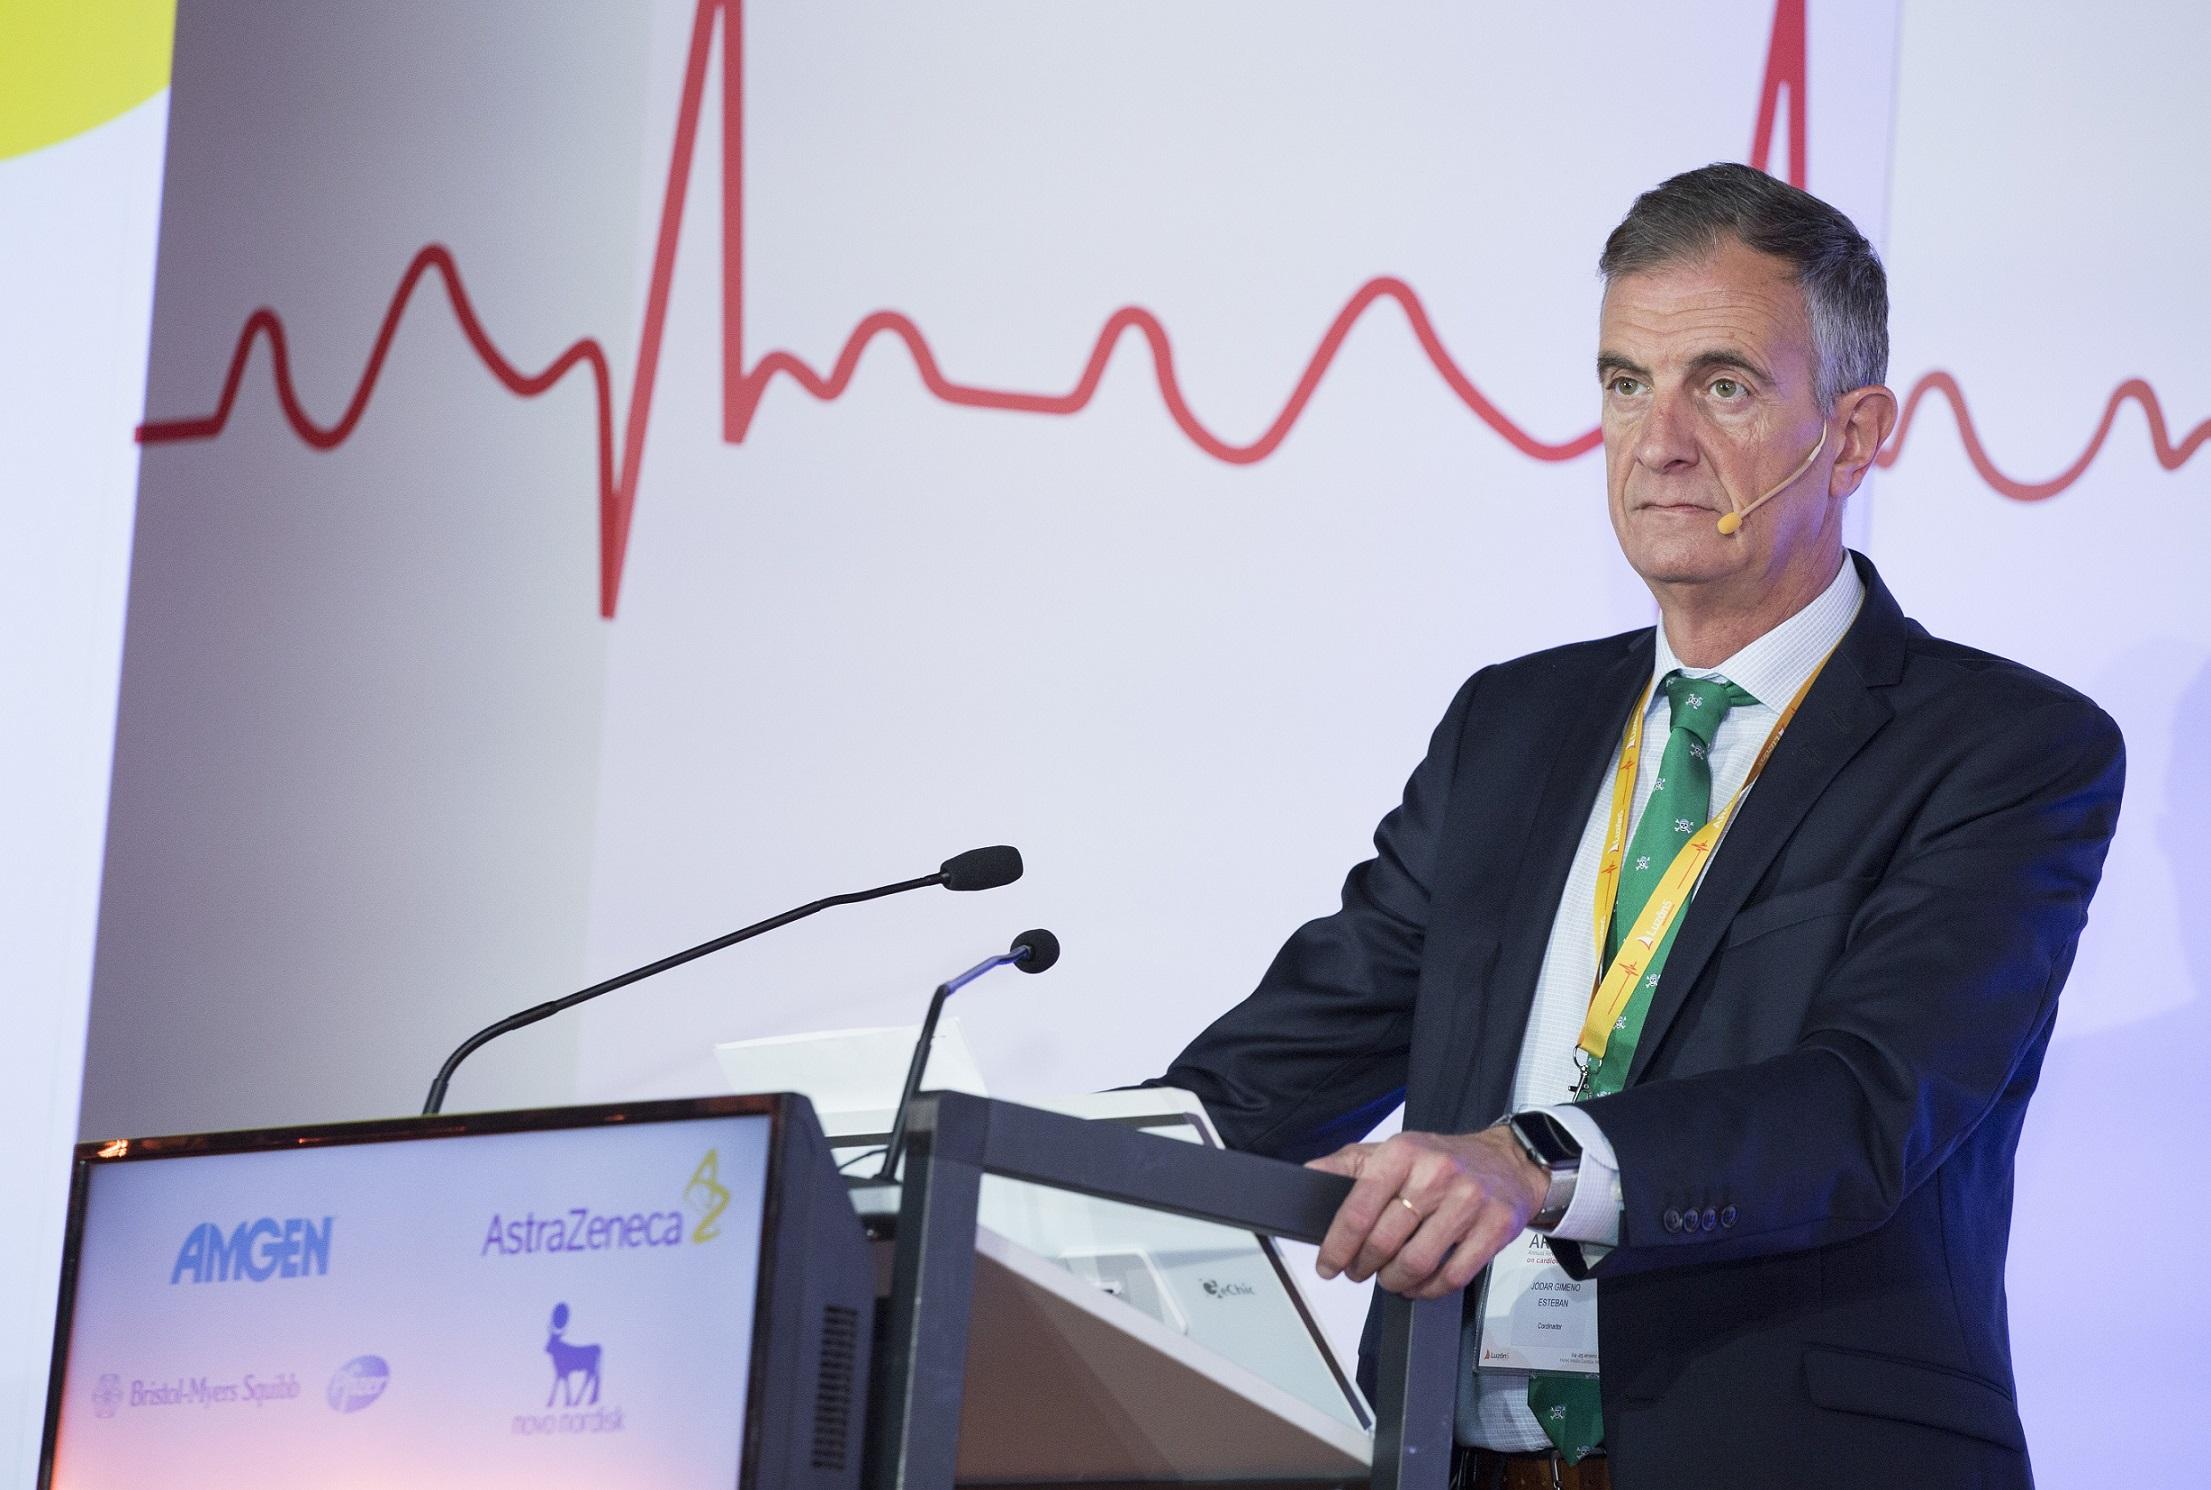 Dr. Esteban Jódar, durante la I Edición de la Revisión Anual de los Congresos de Riesgo Cardiovascular.